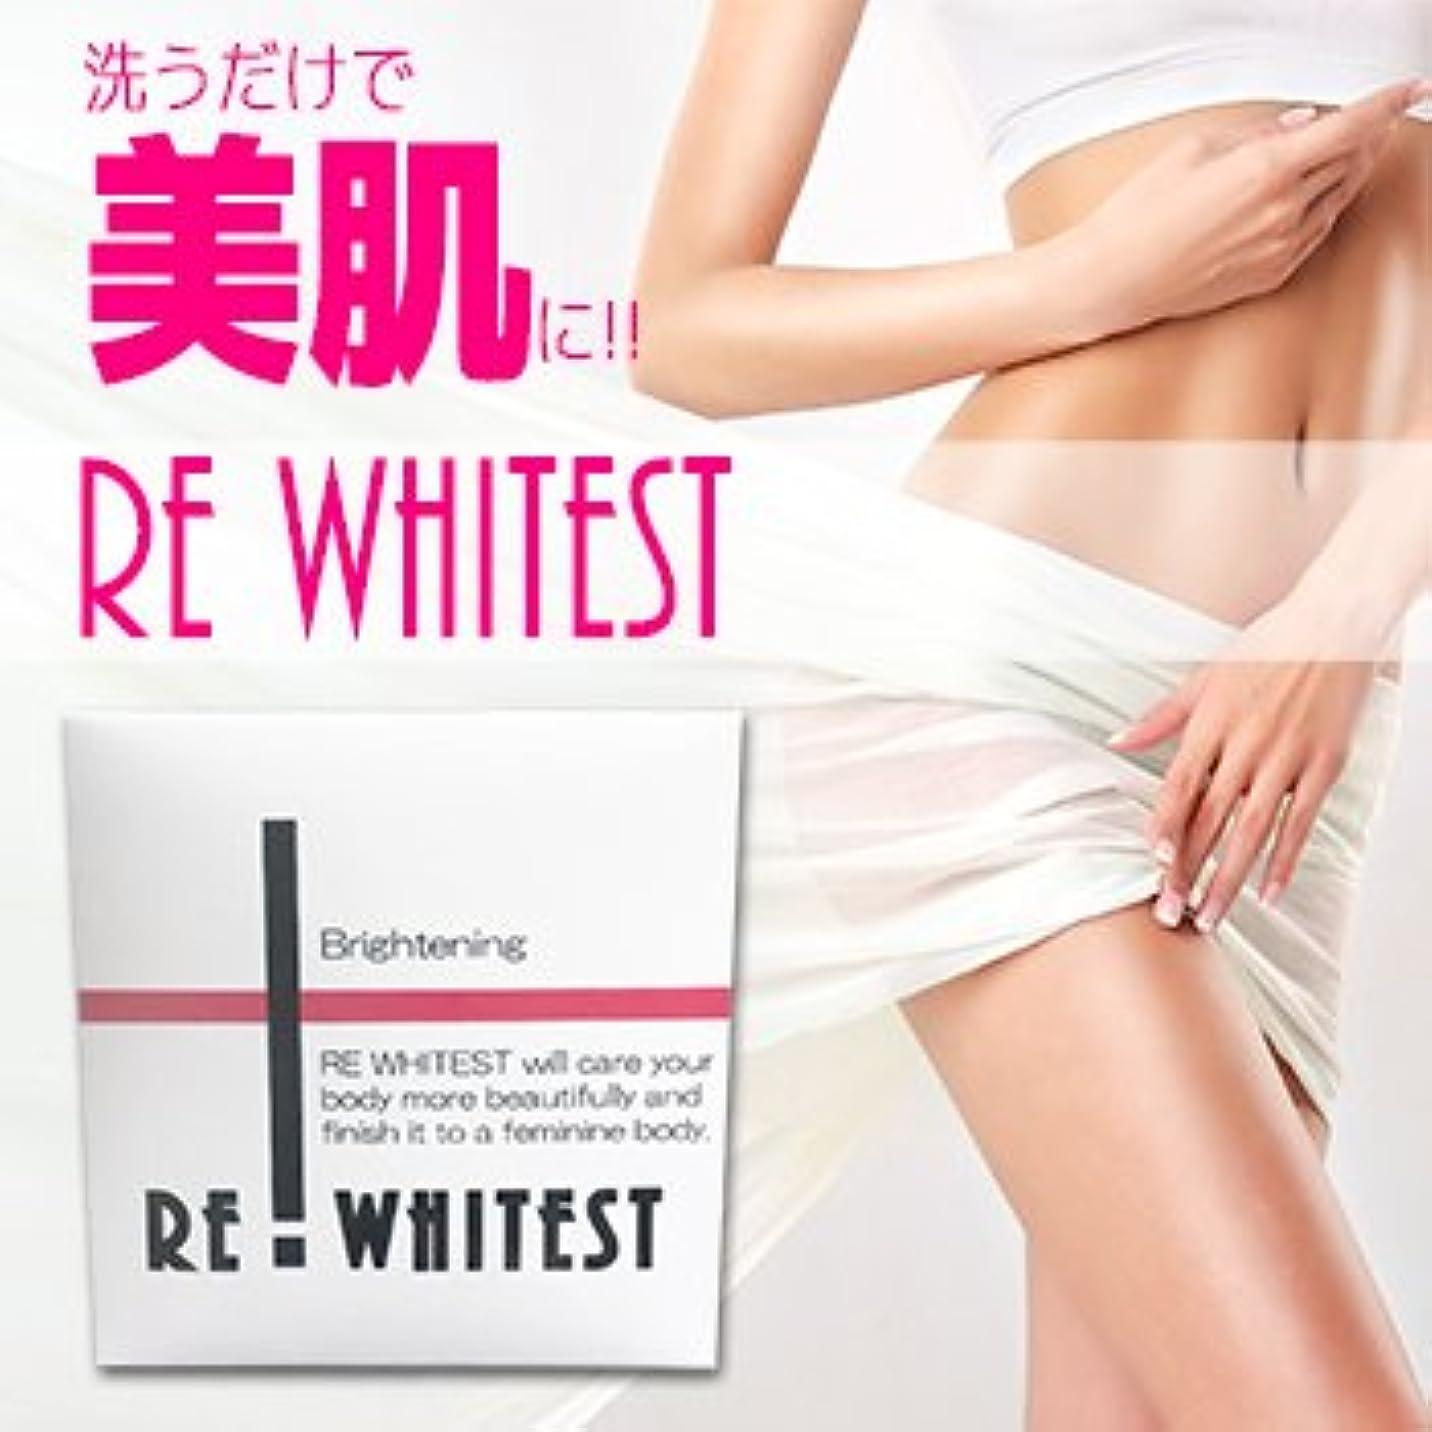 挽く気を散らす笑パパイン+イソフラボン配合女性用美肌石鹸 REWHITEST-リホワイテスト-